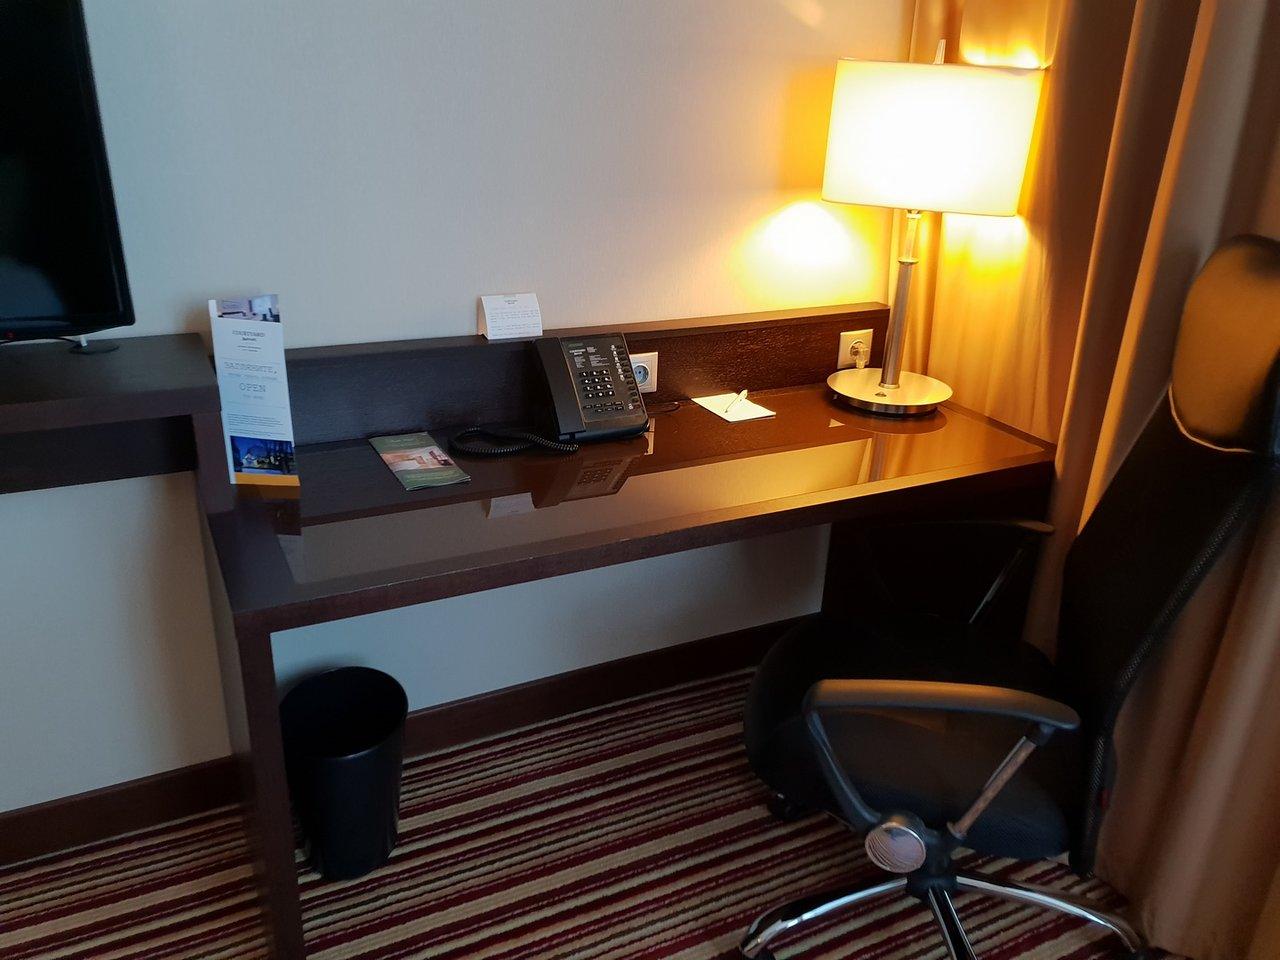 Hotel Marriott (Nizhny Novgorod): address, photo and reviews